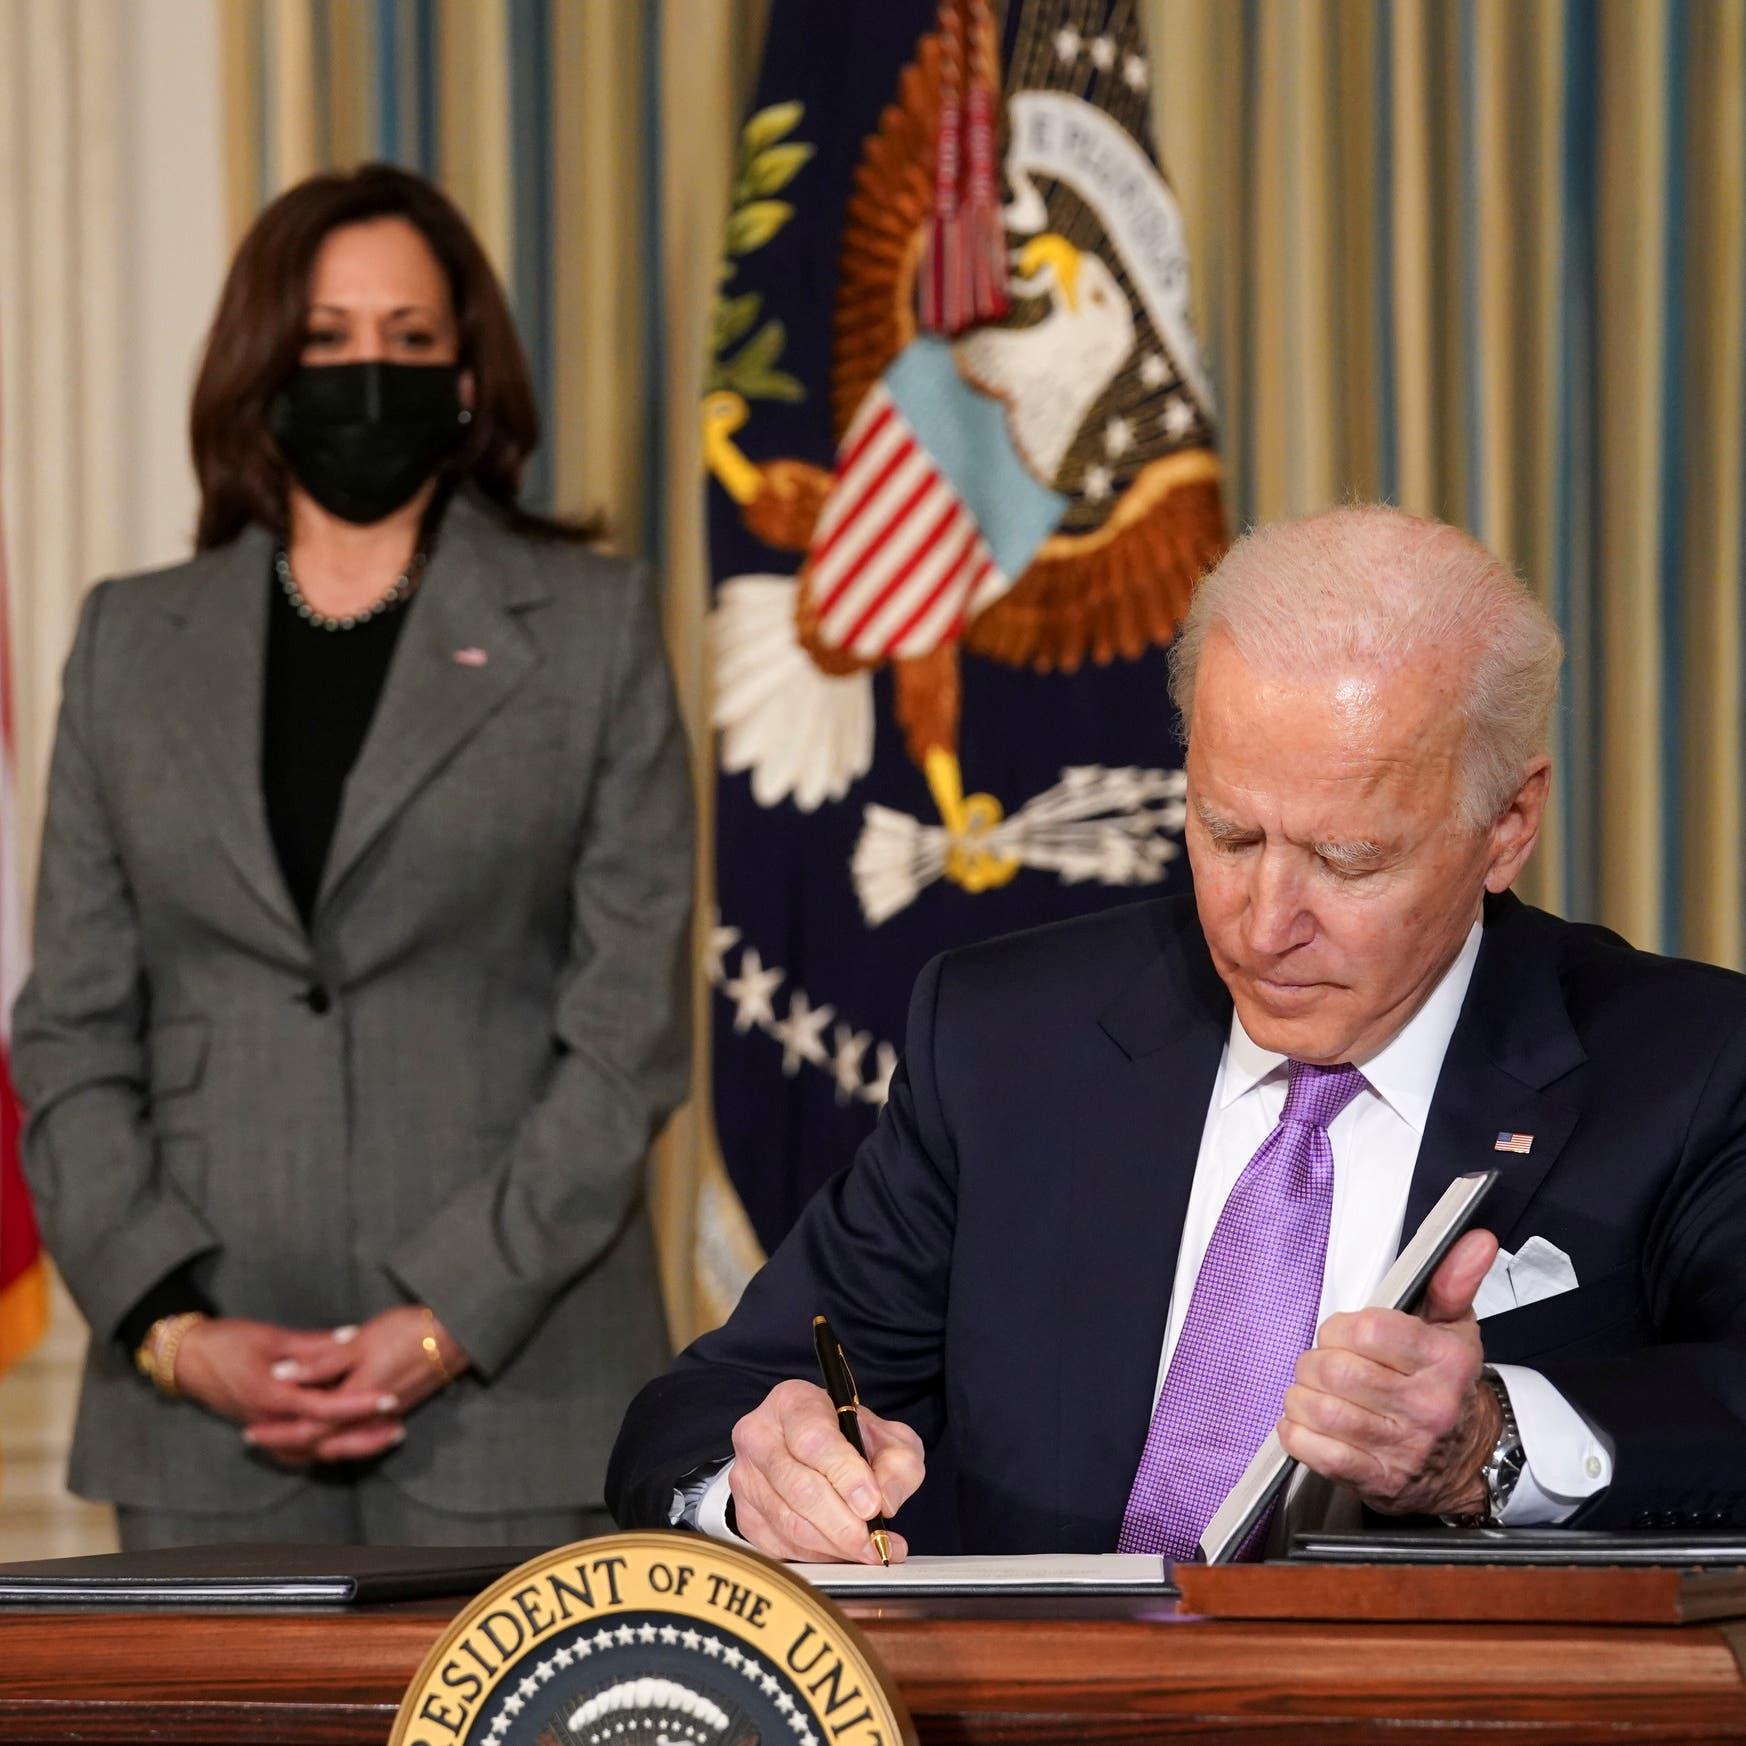 الخزانة الأميركية: بايدن مستعد للعمل مع الكونغرس على حزمة التحفيز